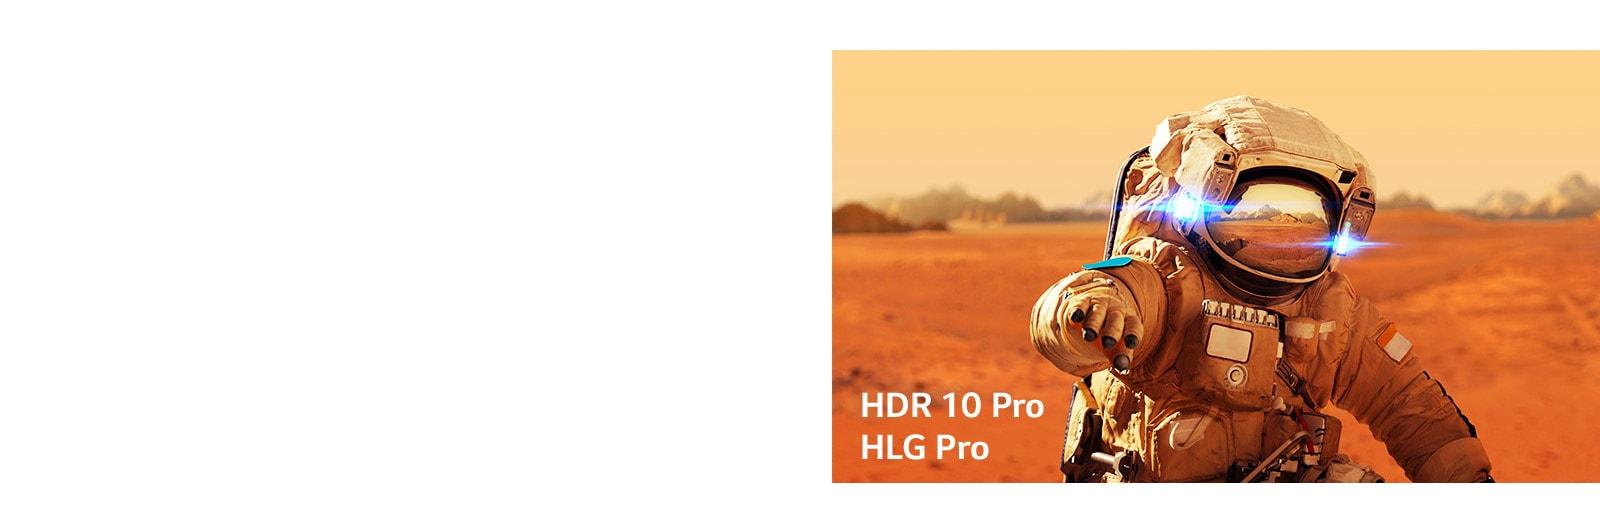 Iron Man Marvela, karty tytułowe z logo HLG pro i HDR 10 Pro